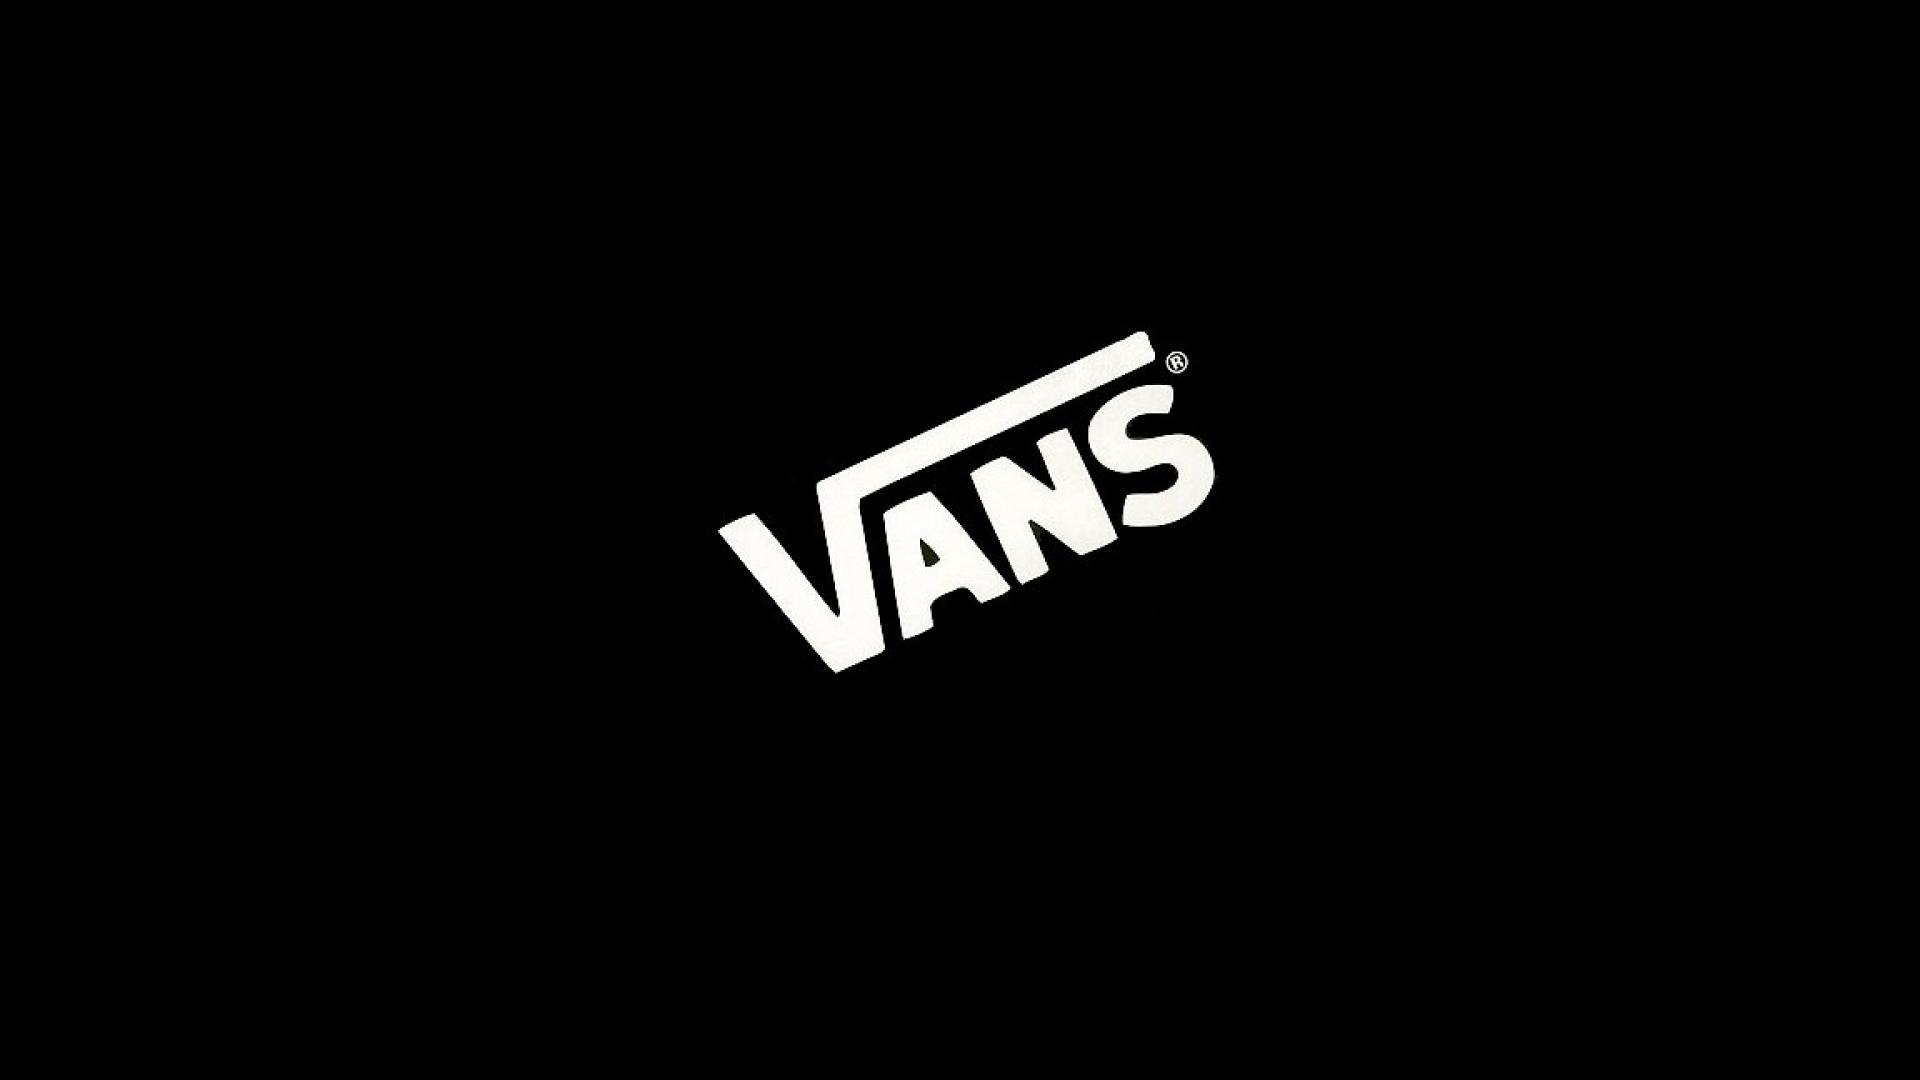 Wallpapers For Vans Logo Iphone Wallpaper 1920x1080